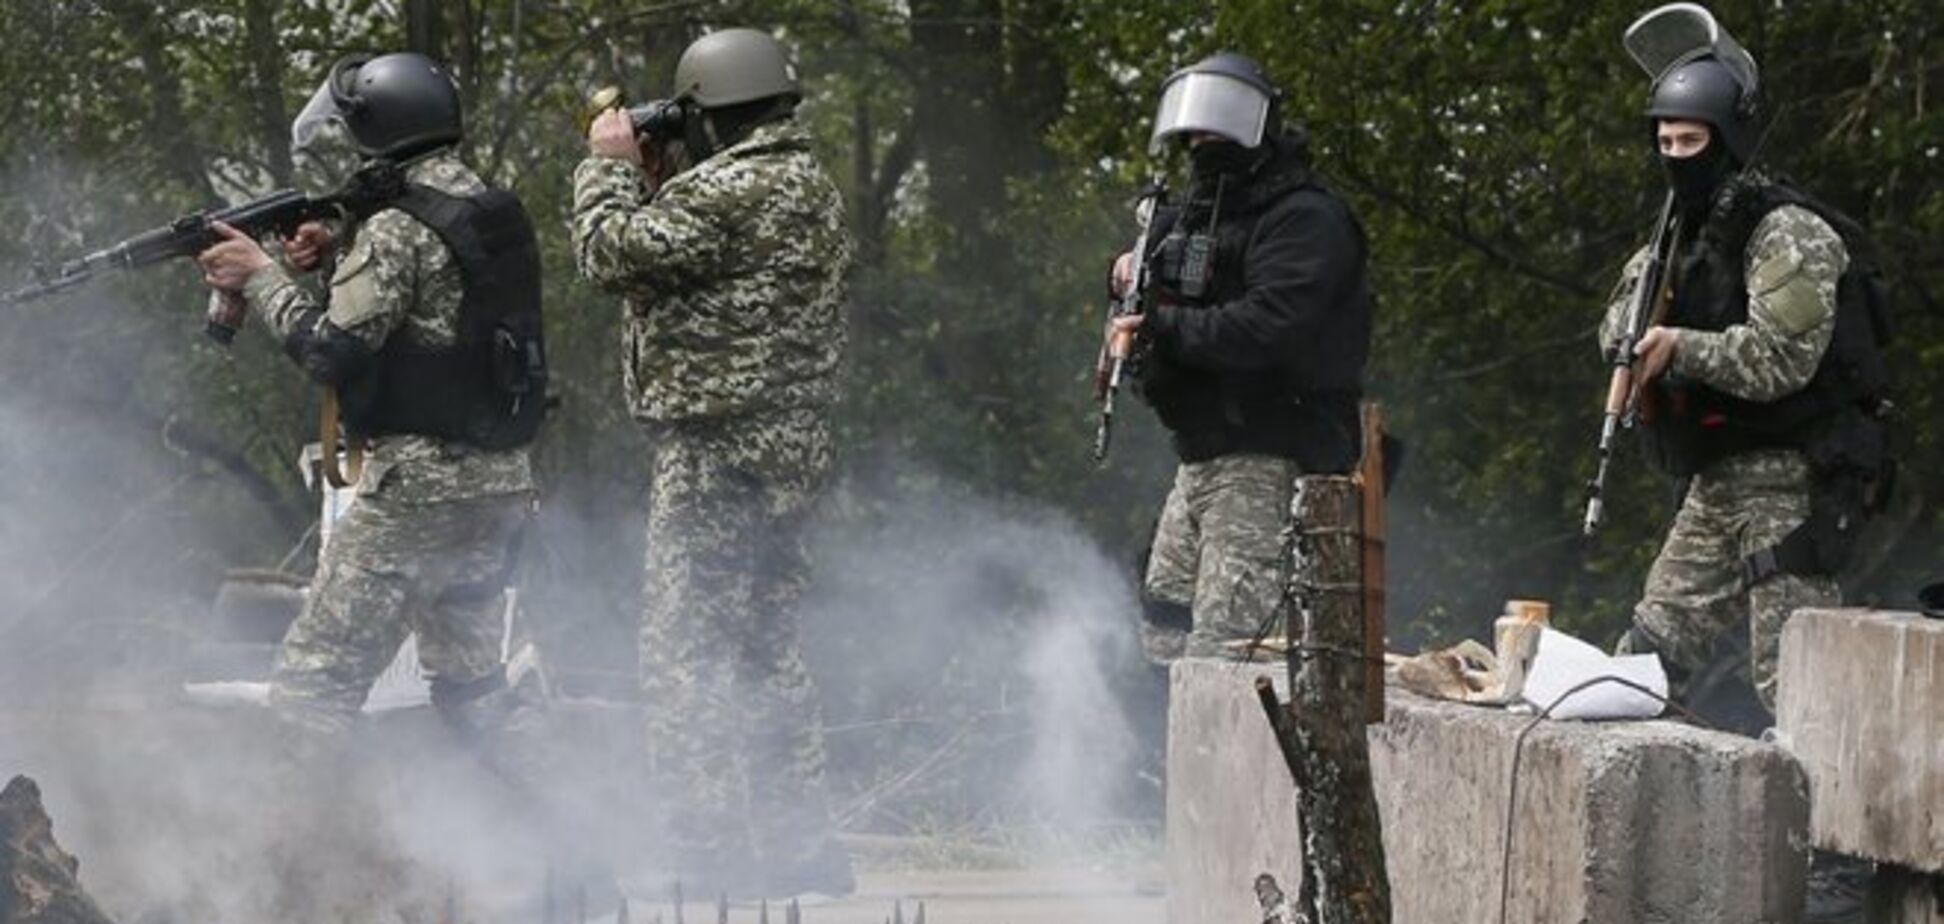 Руководитель АТО заверил, что спецназ не пойдет на штурм Славянска